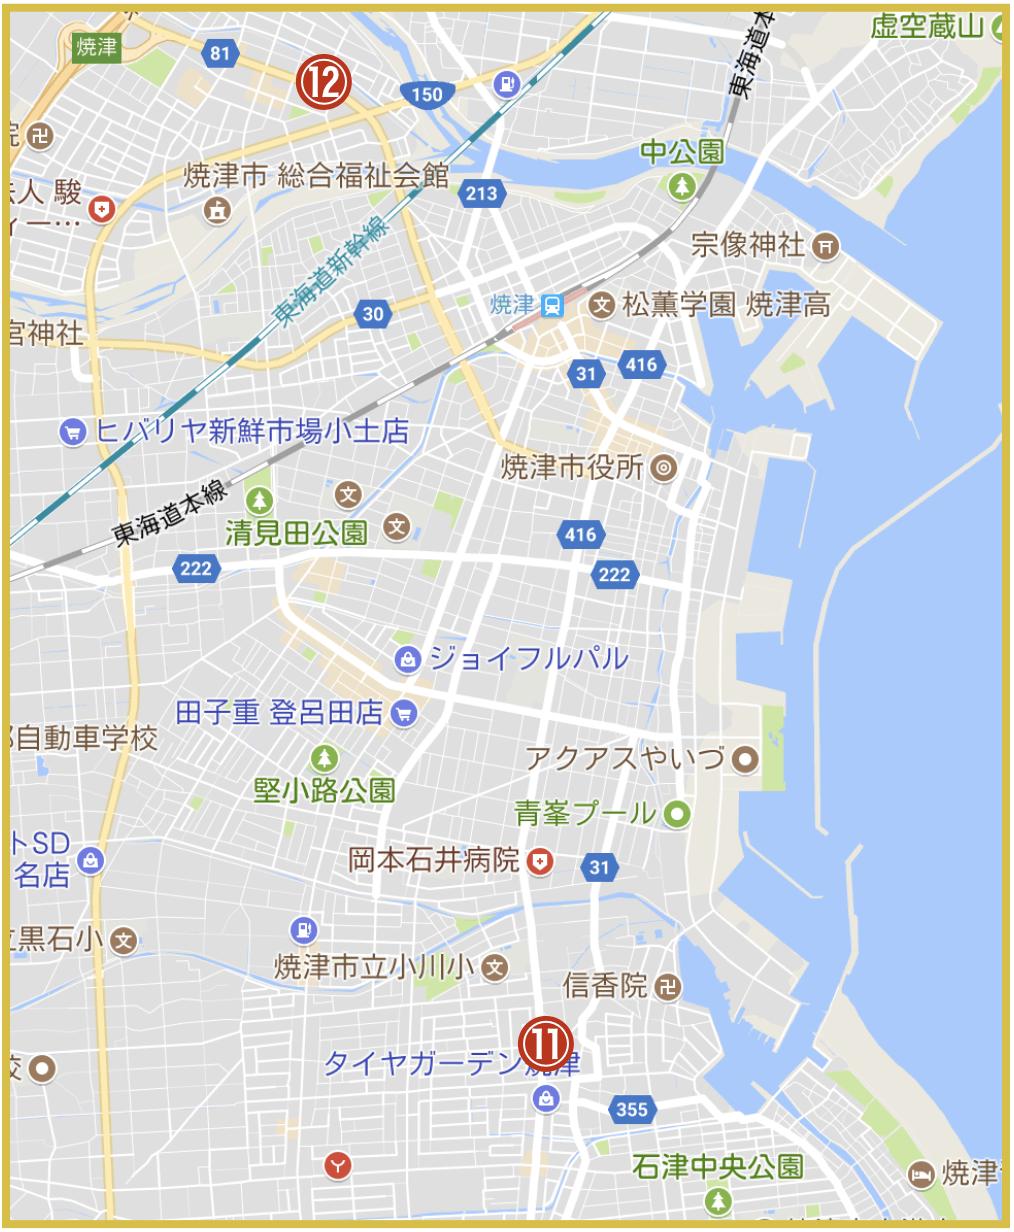 静岡県焼津市にあるアコム店舗・ATMの位置